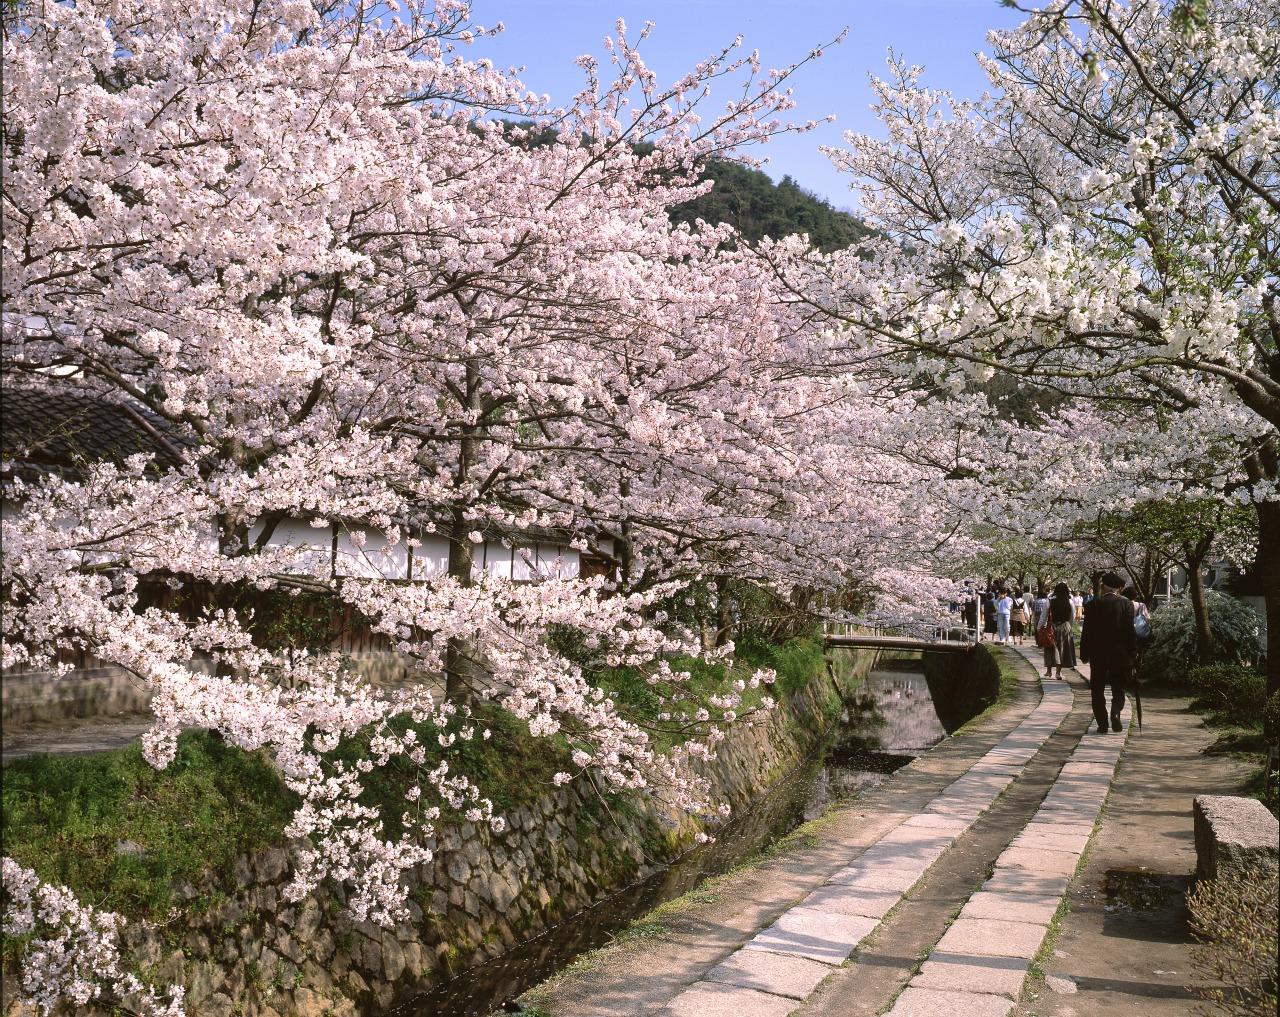 桜の季節に京都を満喫